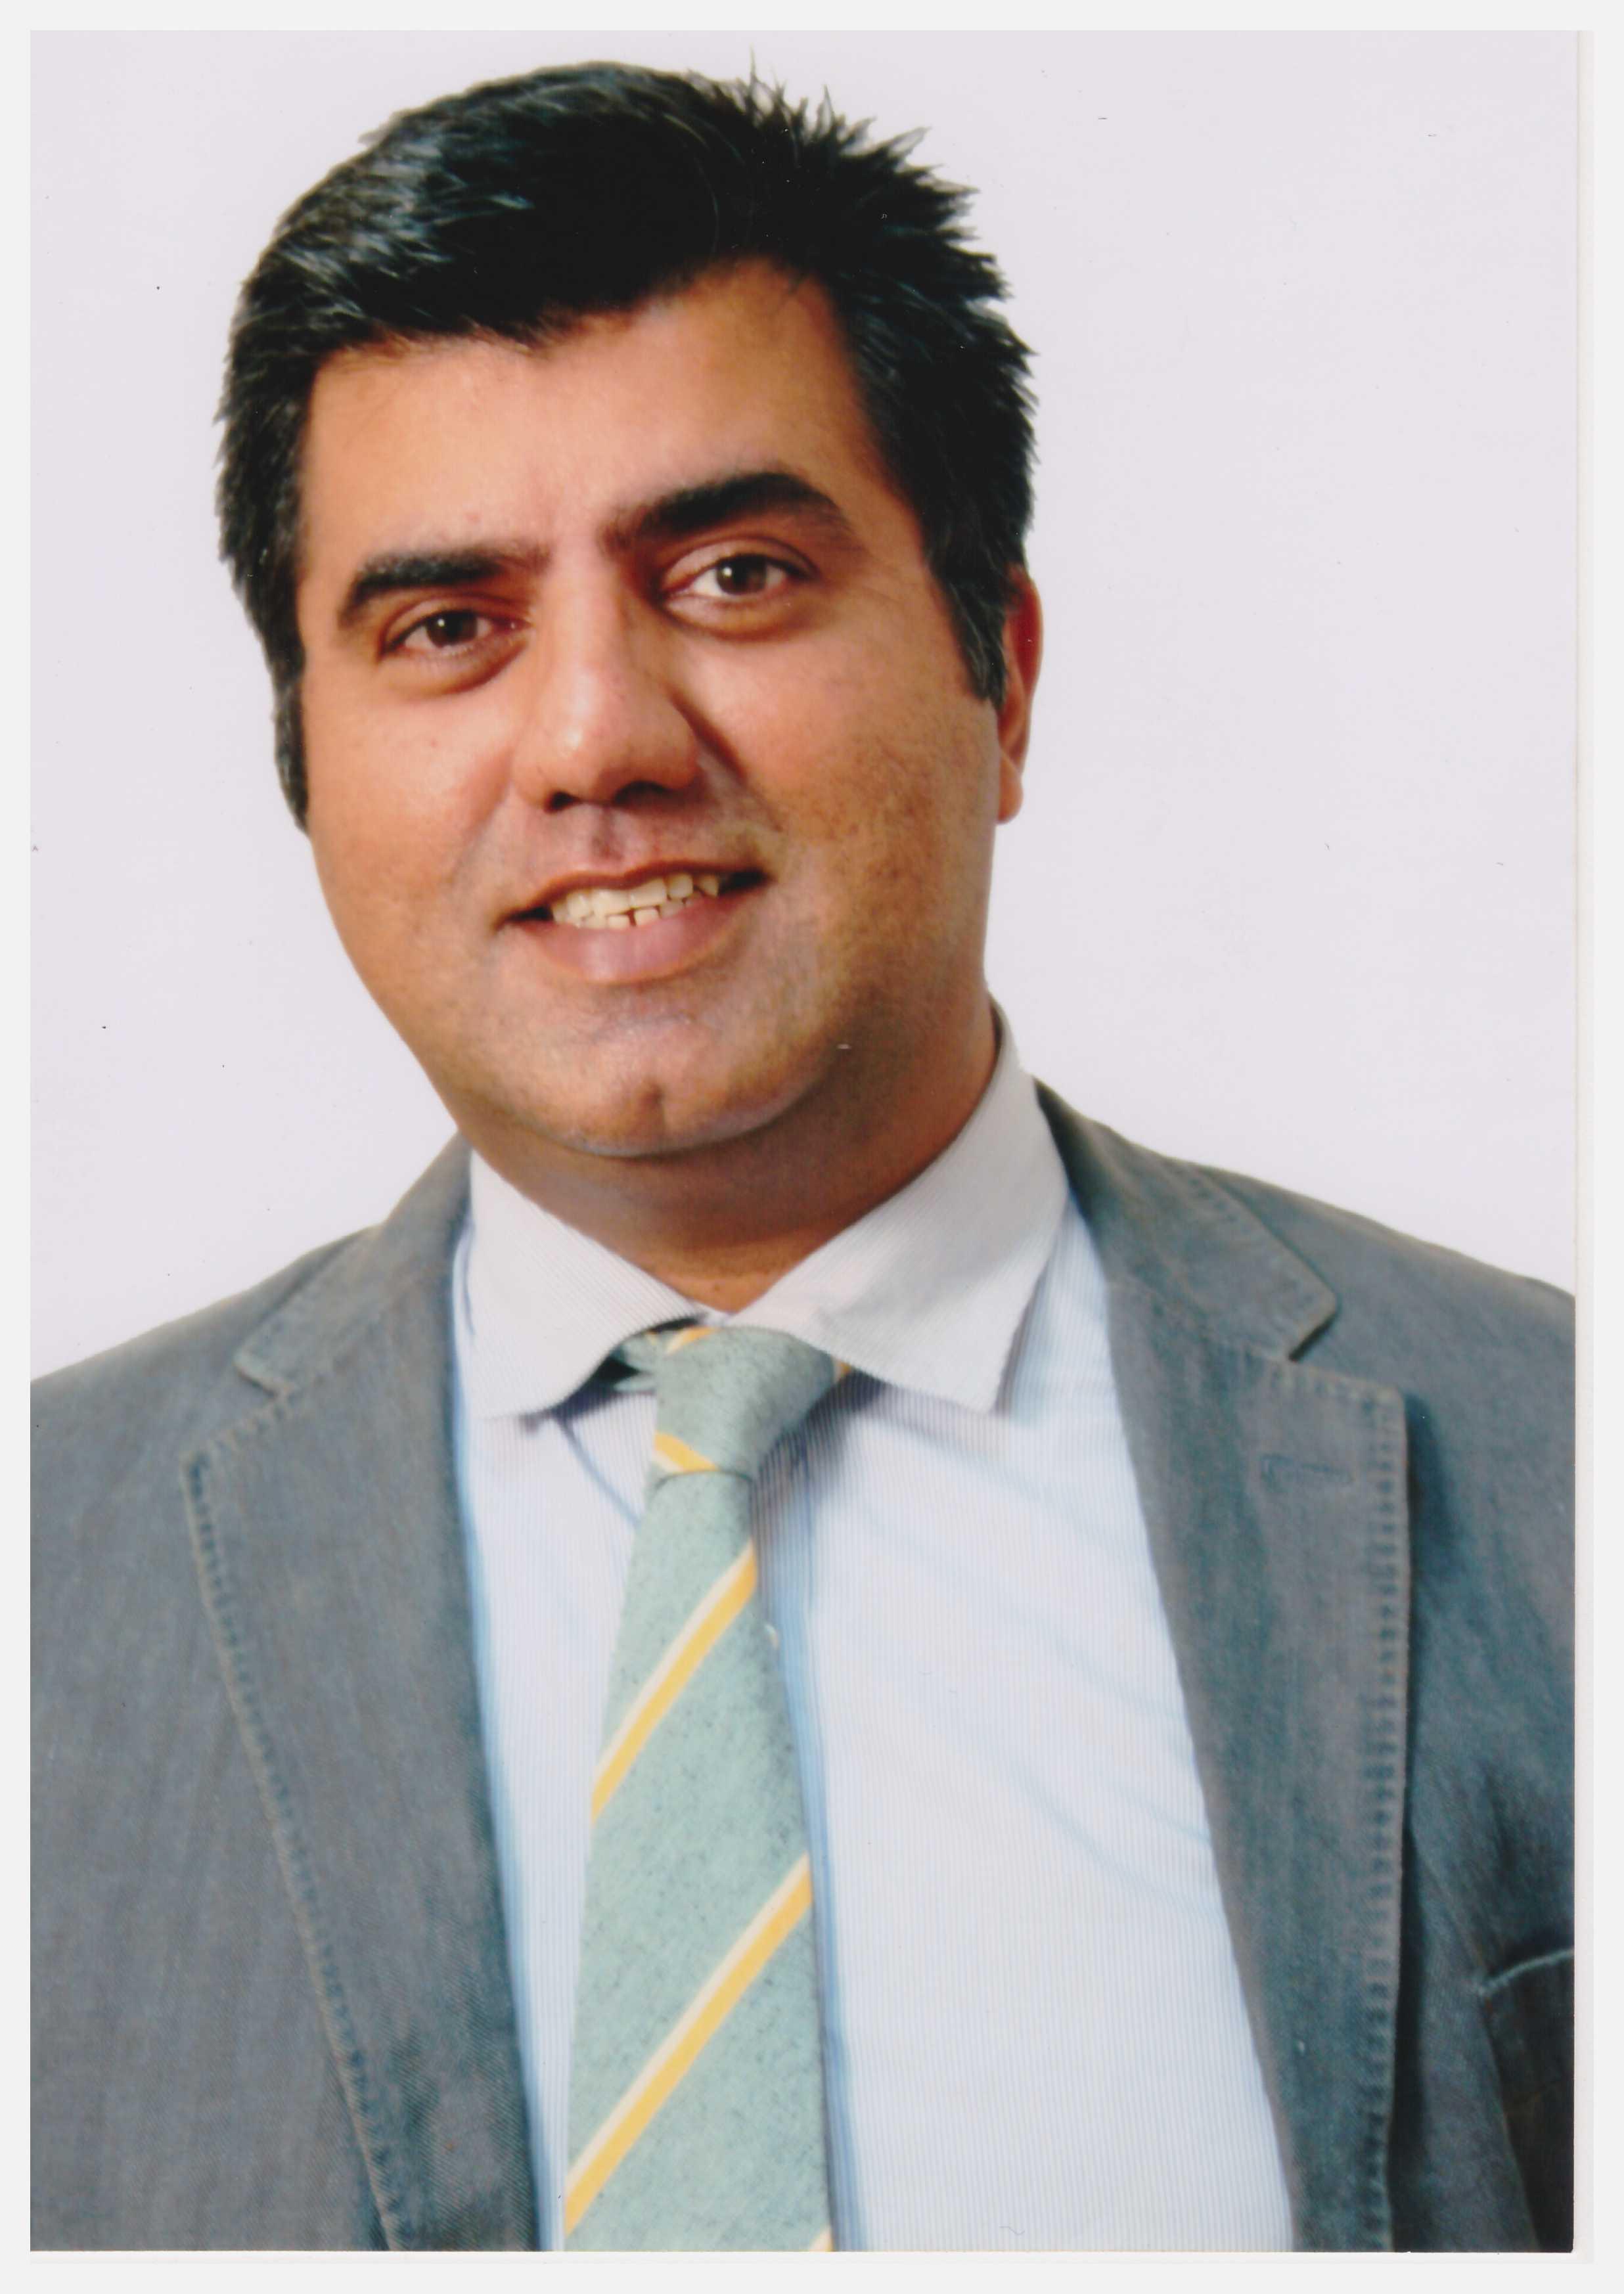 Hussein Faruque Aly